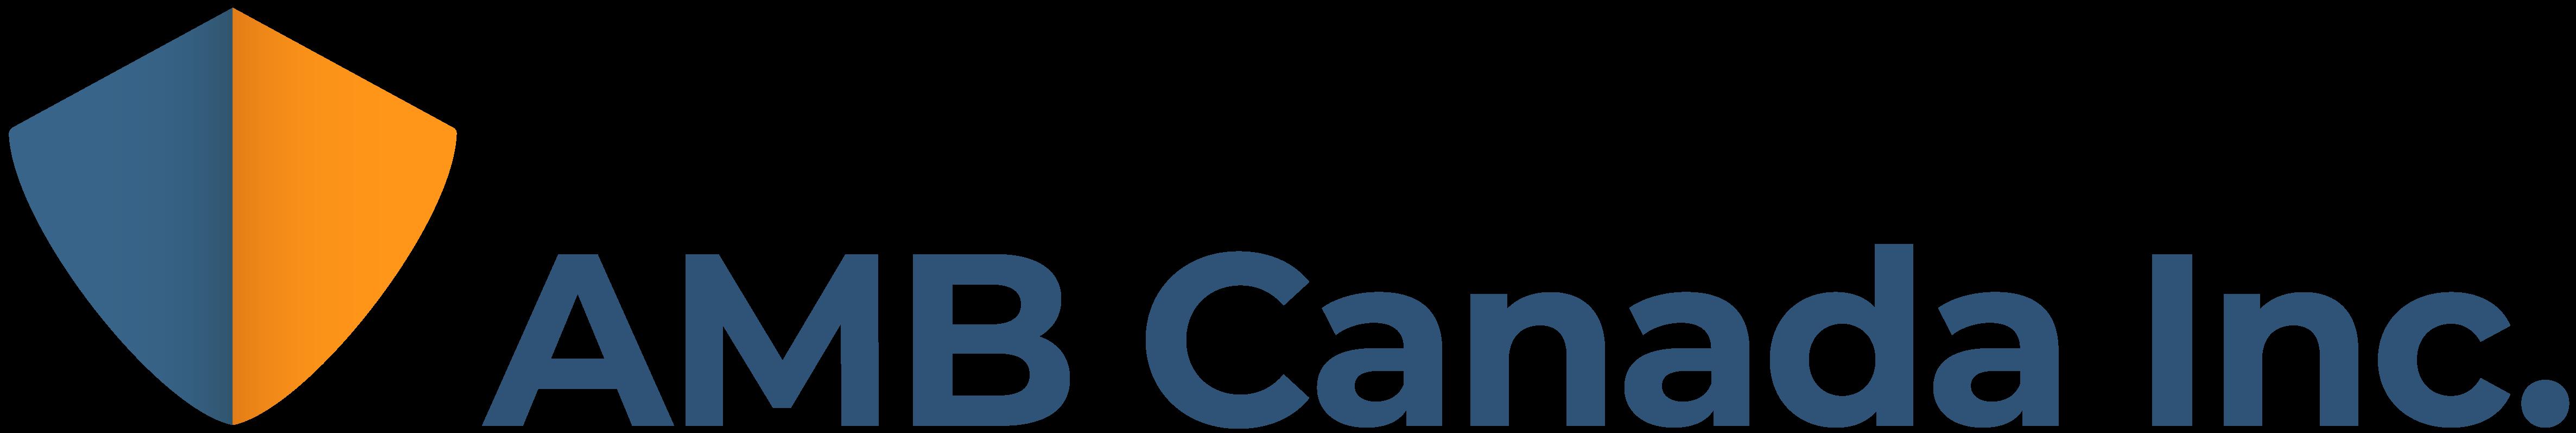 AMB Canada Inc.